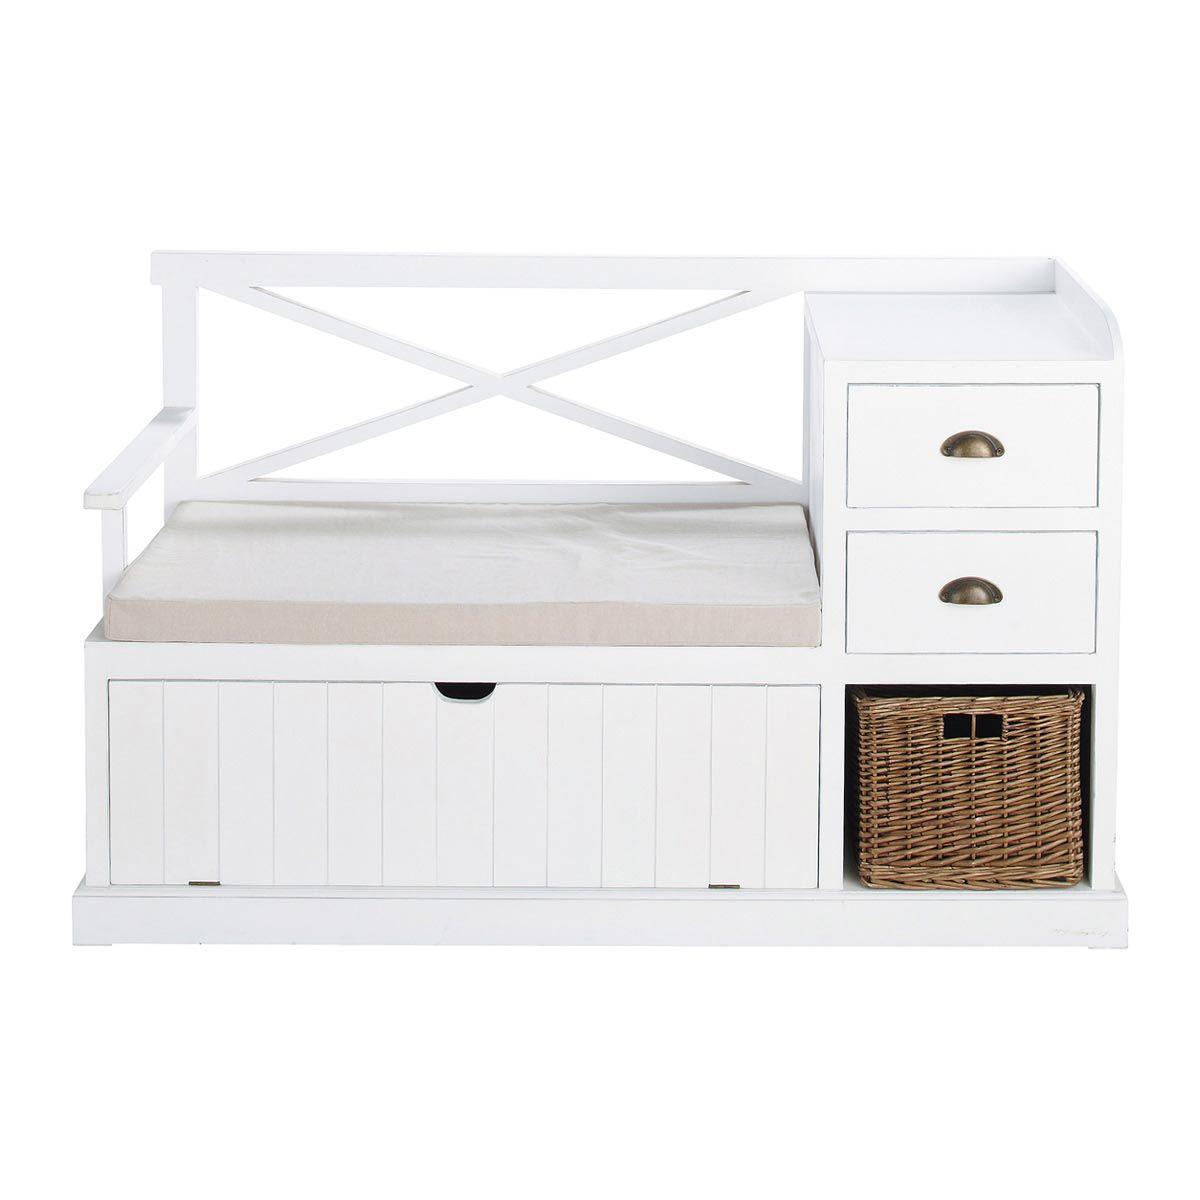 banc d 39 entr e avec rangement recherche google banc d 39 entr e pinterest bois blanc entr e. Black Bedroom Furniture Sets. Home Design Ideas